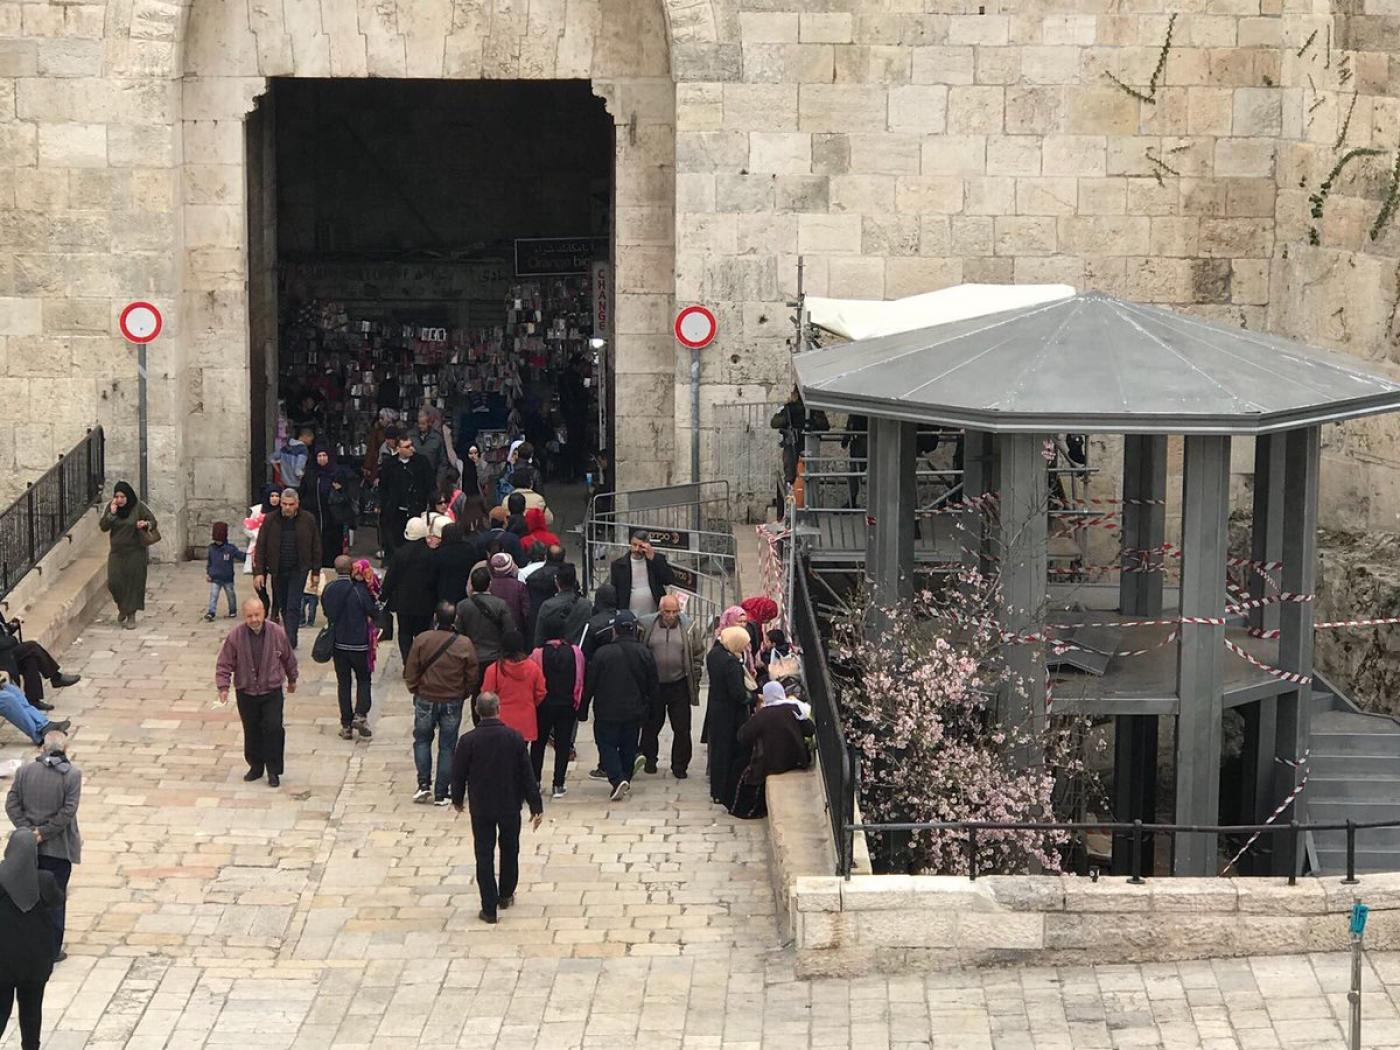 Une tour de sécurité érigée à l'entrée de la porte de Damas dans la vieille ville (Twitter @ThisIsAlquds)